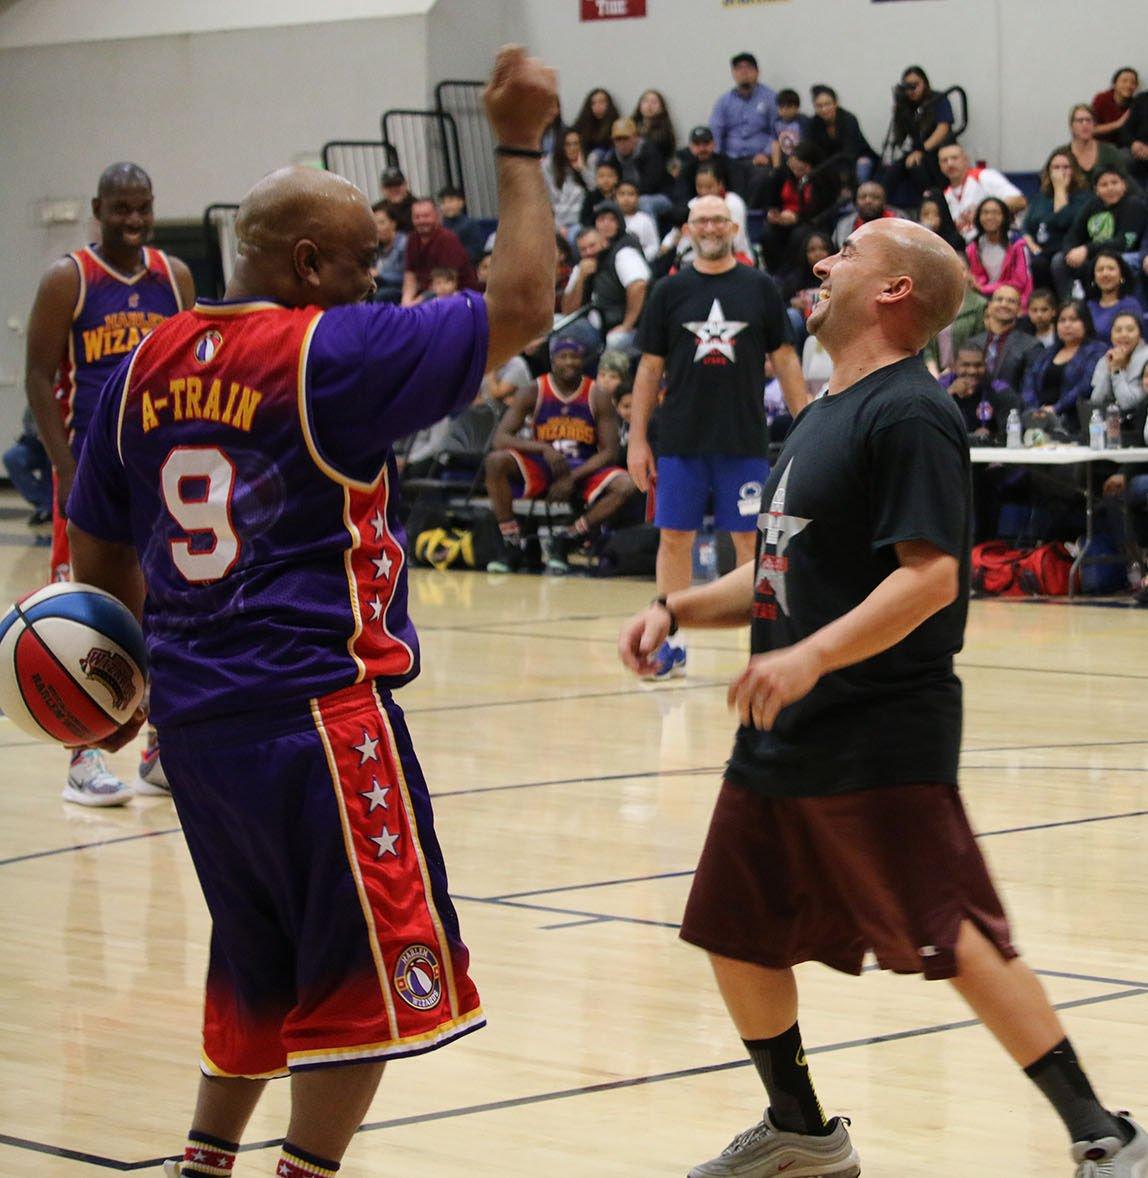 All Stars vs Harlem Wizards